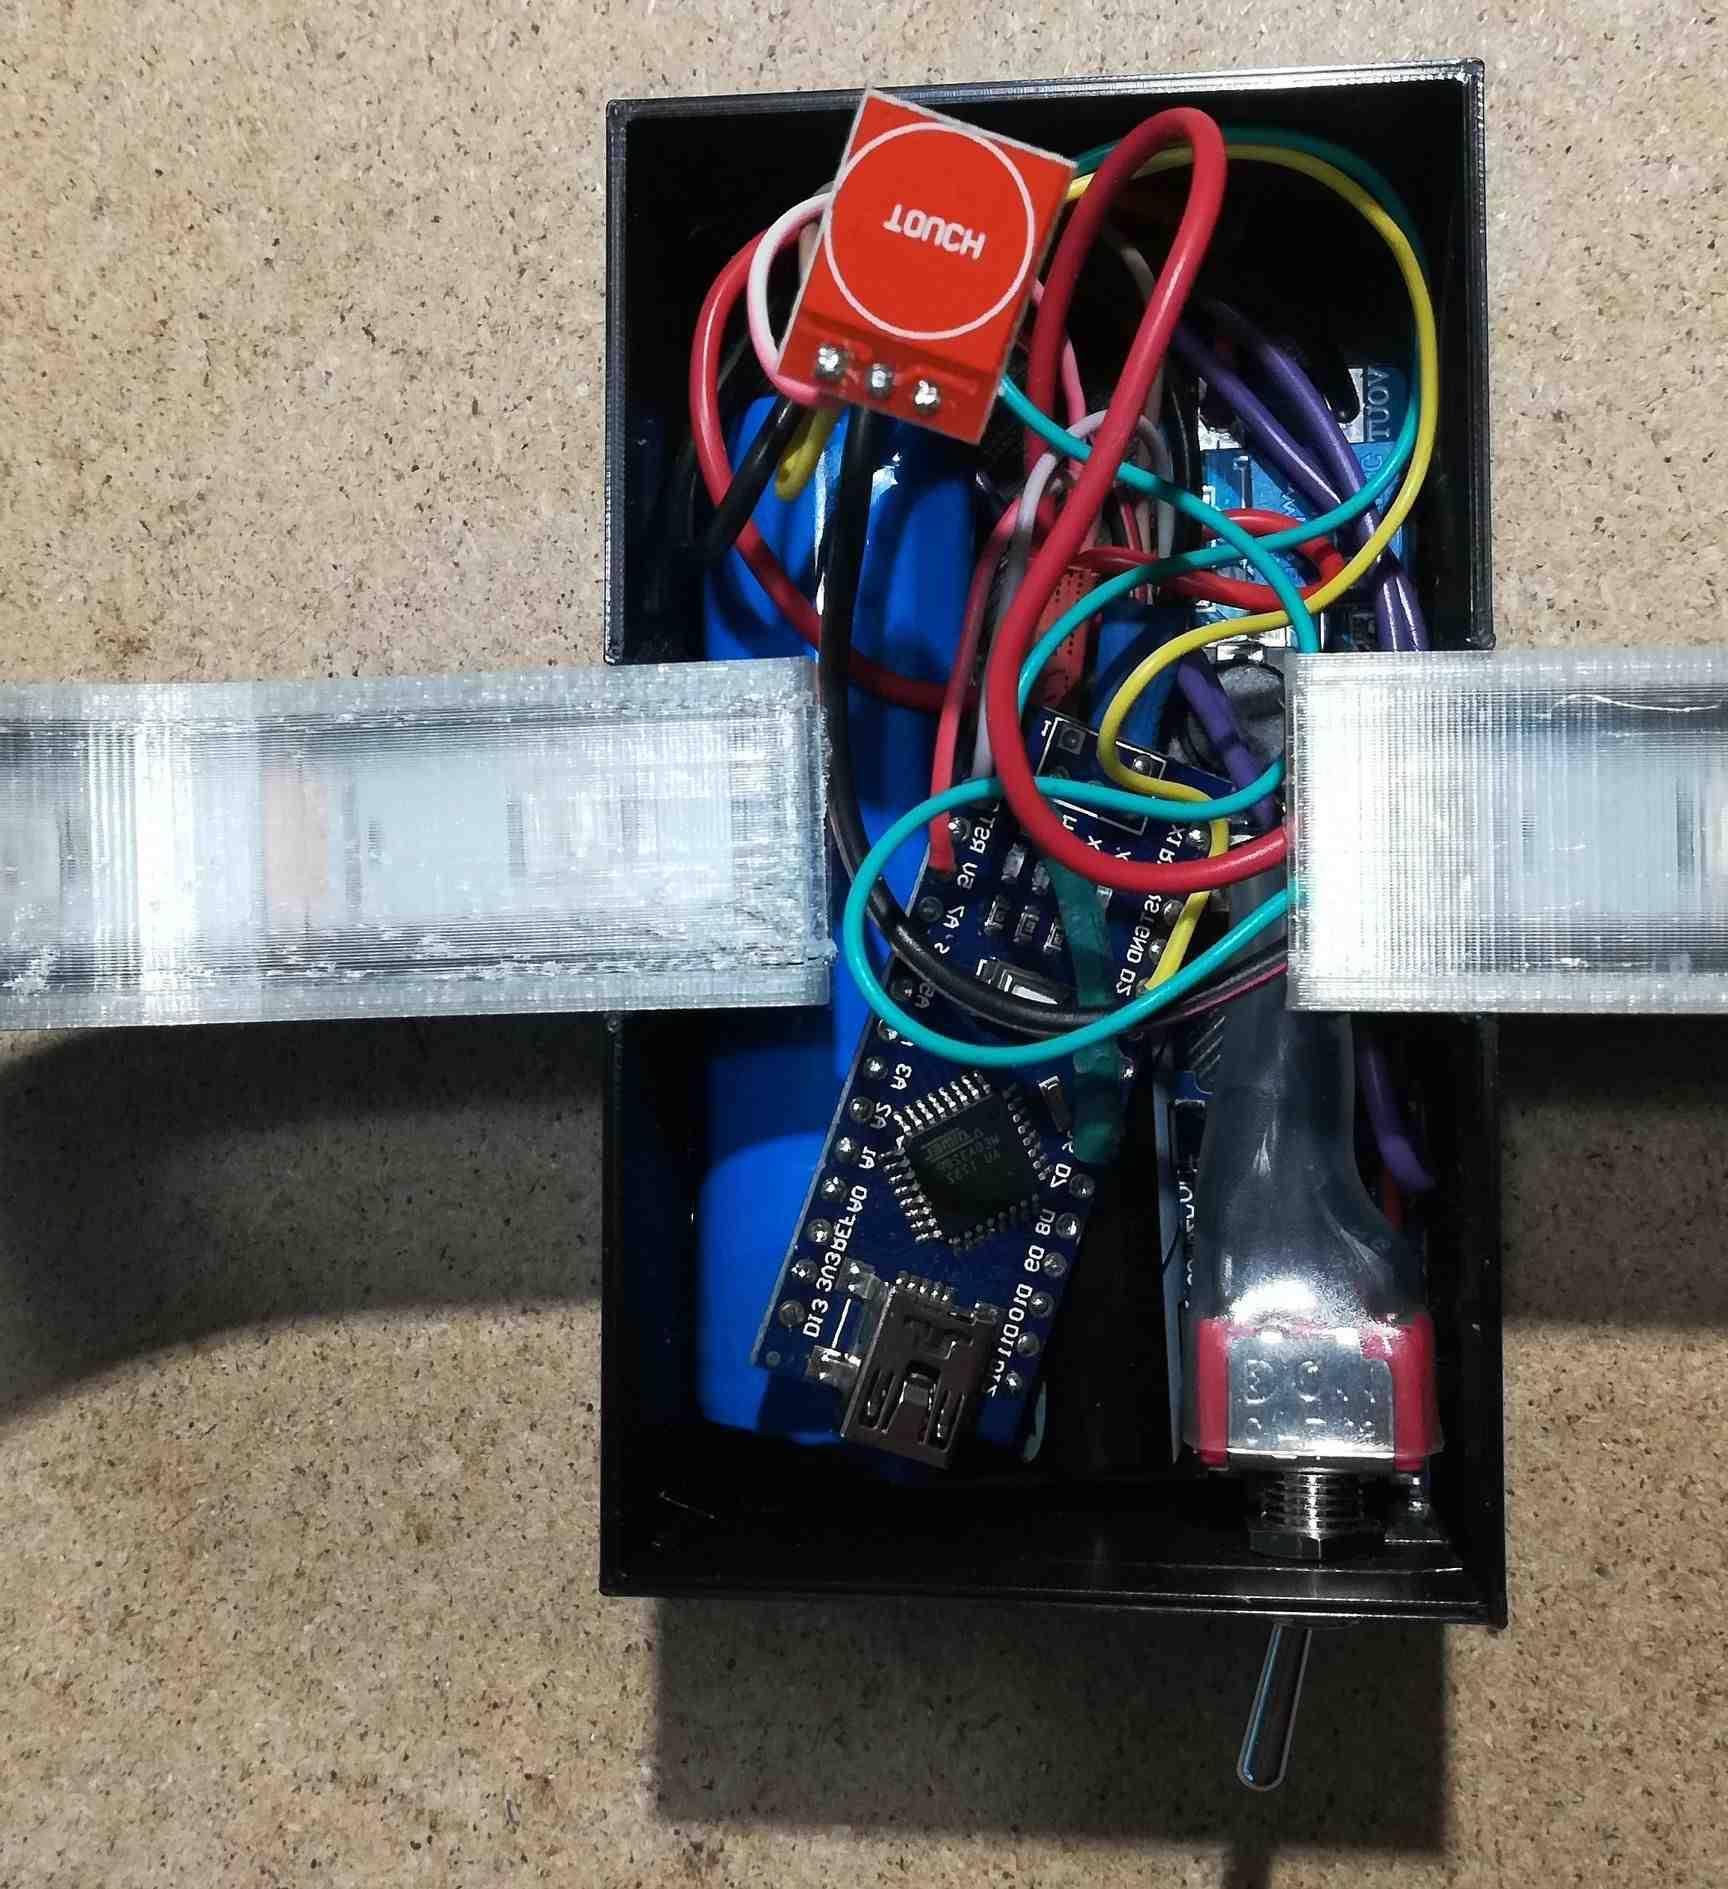 Comment tester une ampoule LED avec un multimètre?